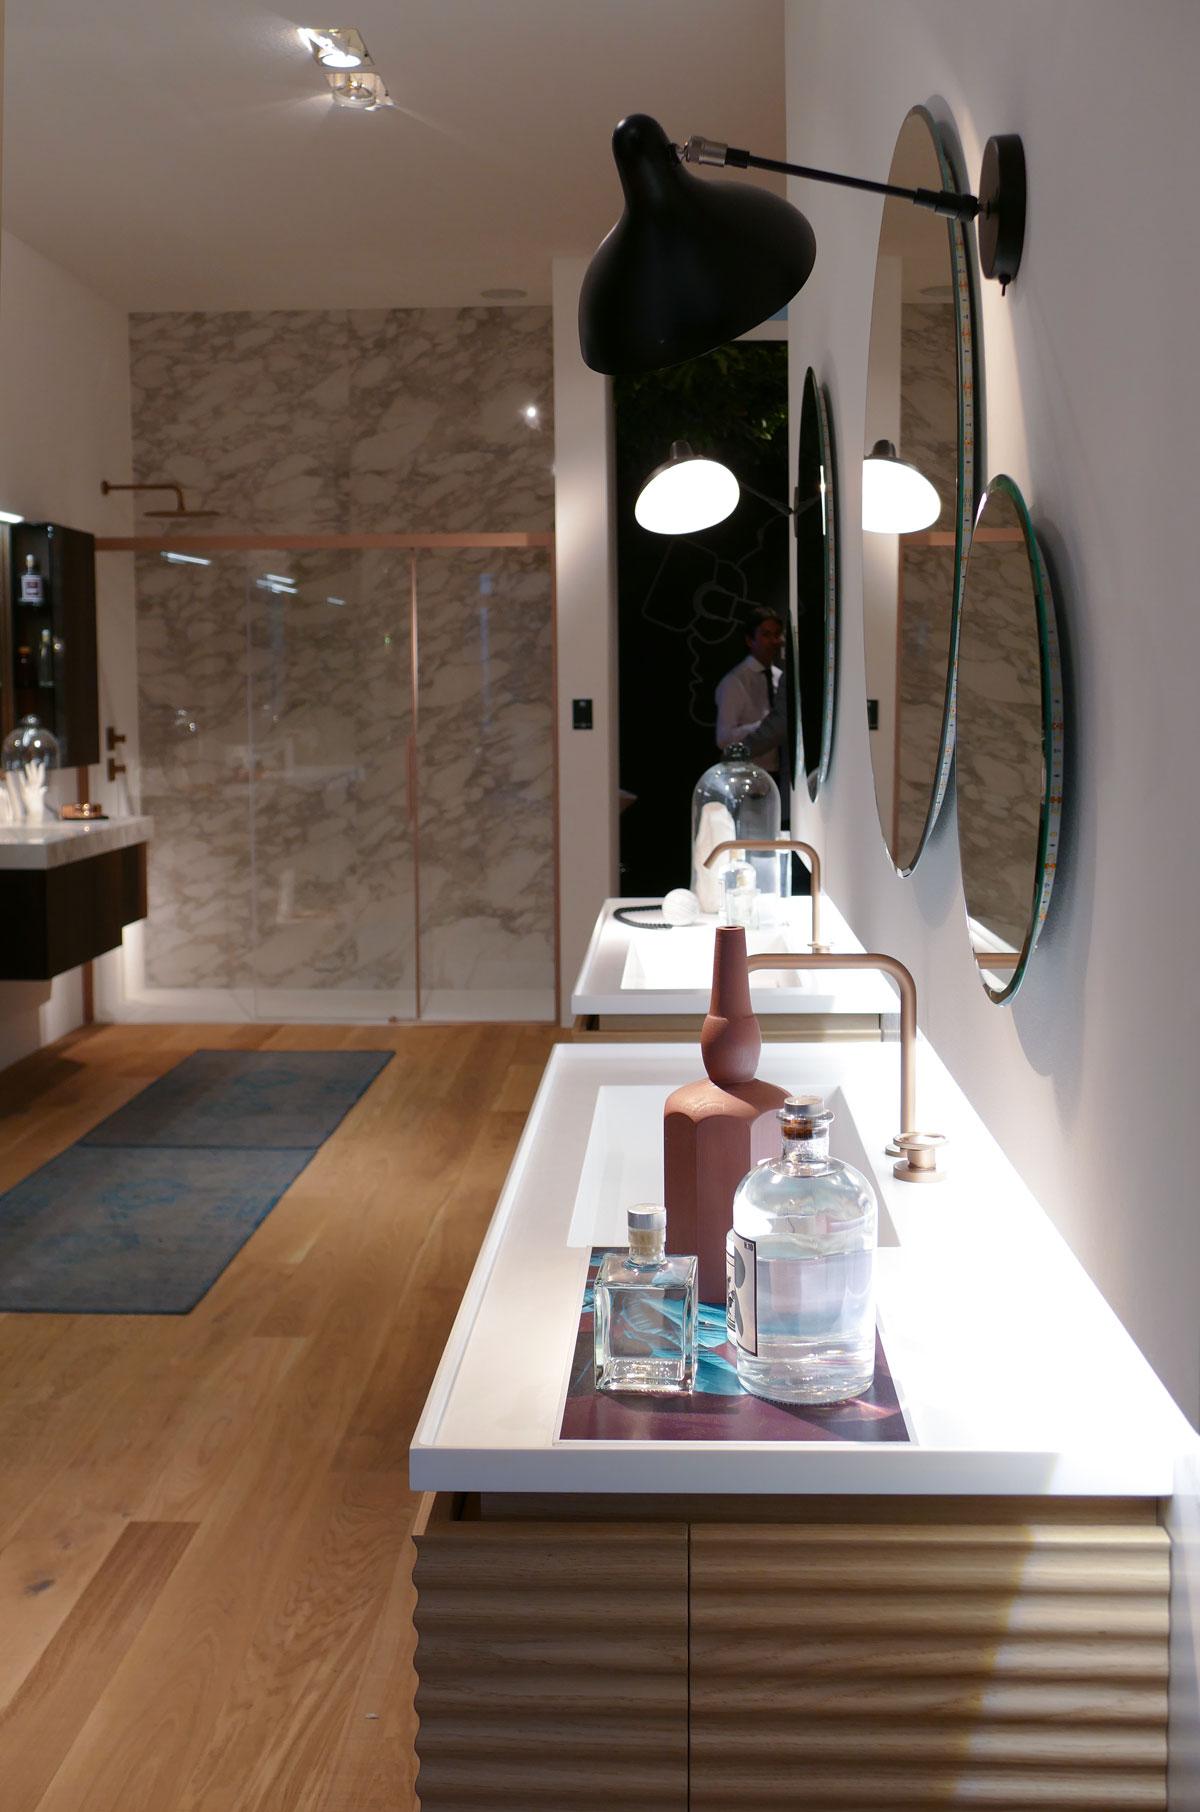 Salone internazionale del bagno 2018 le novit ideagroup - Bagno internazionale cesenatico ...